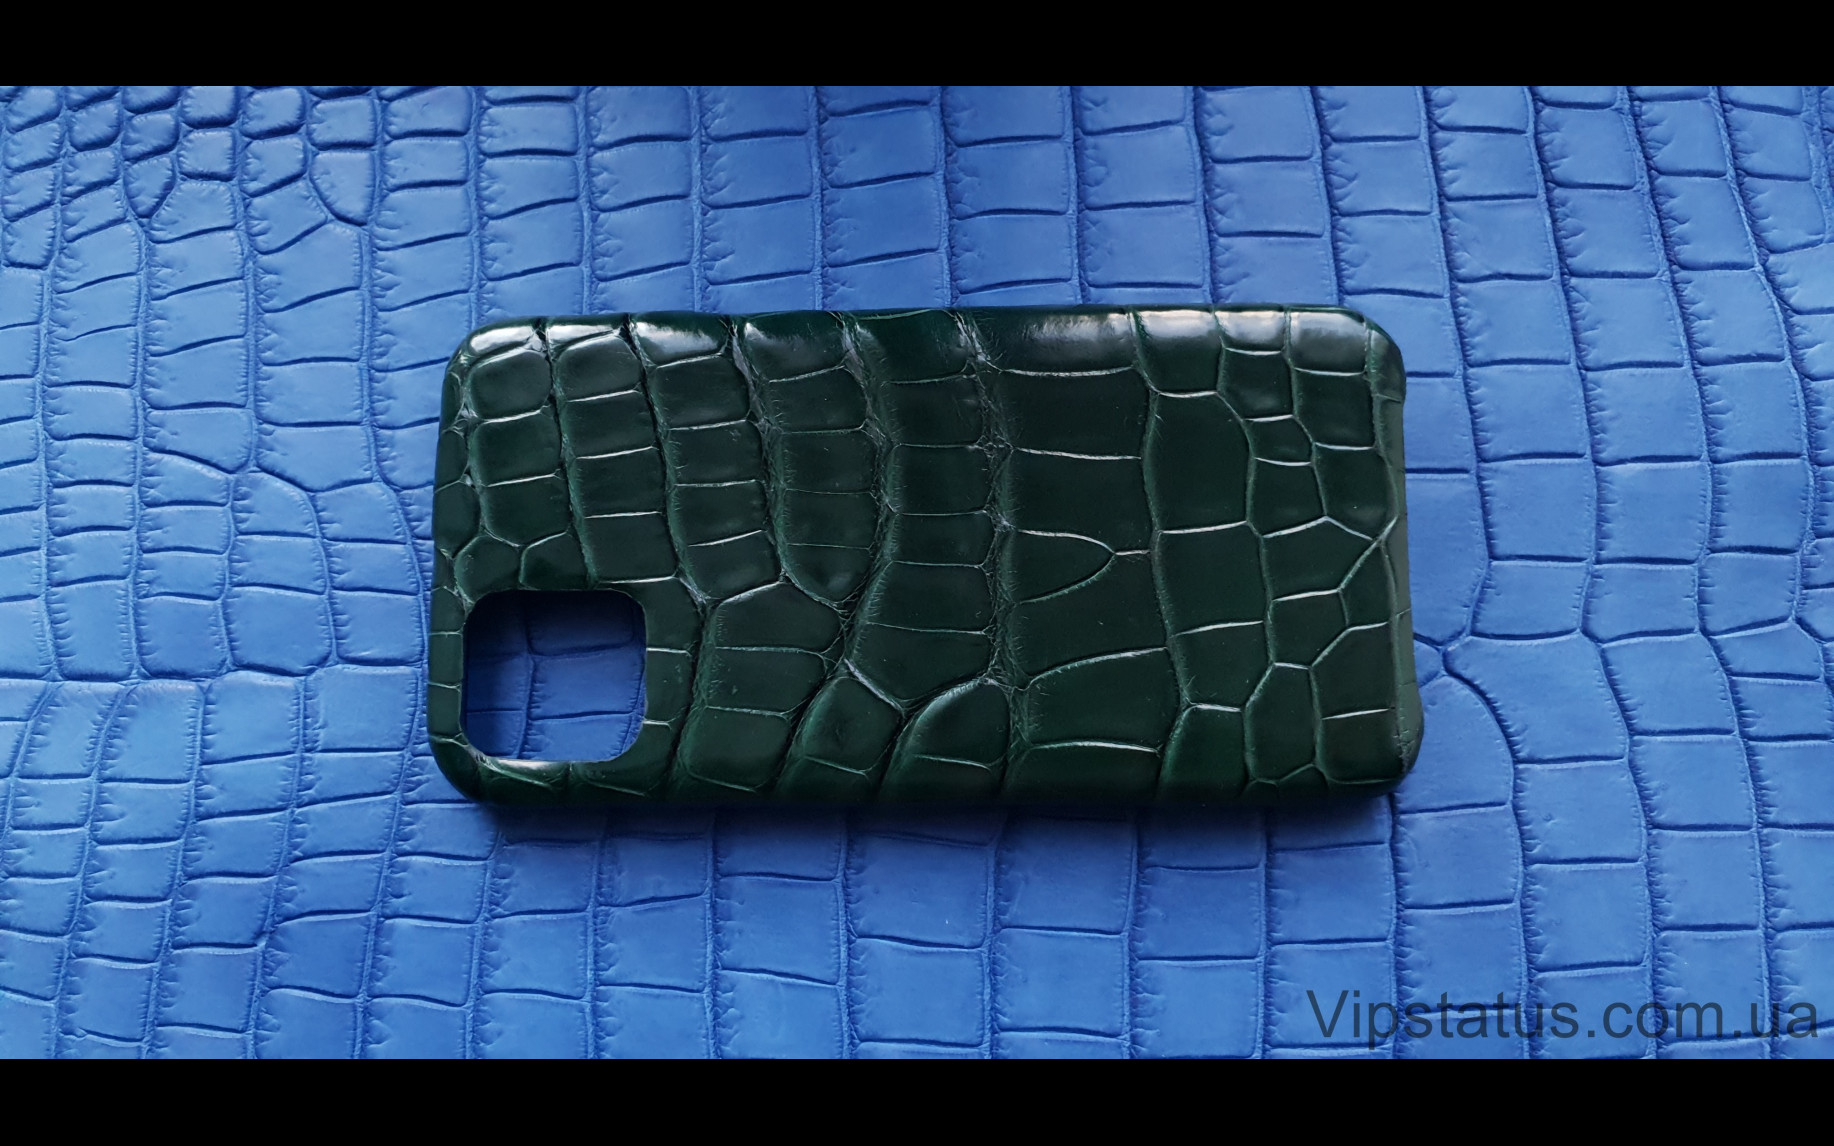 Элитный Dark Green Люксовый чехол IPhone 11 Pro Max кожа крокодила Dark Green Люксовый чехол IPhone 11 Pro Max кожа крокодила изображение 4